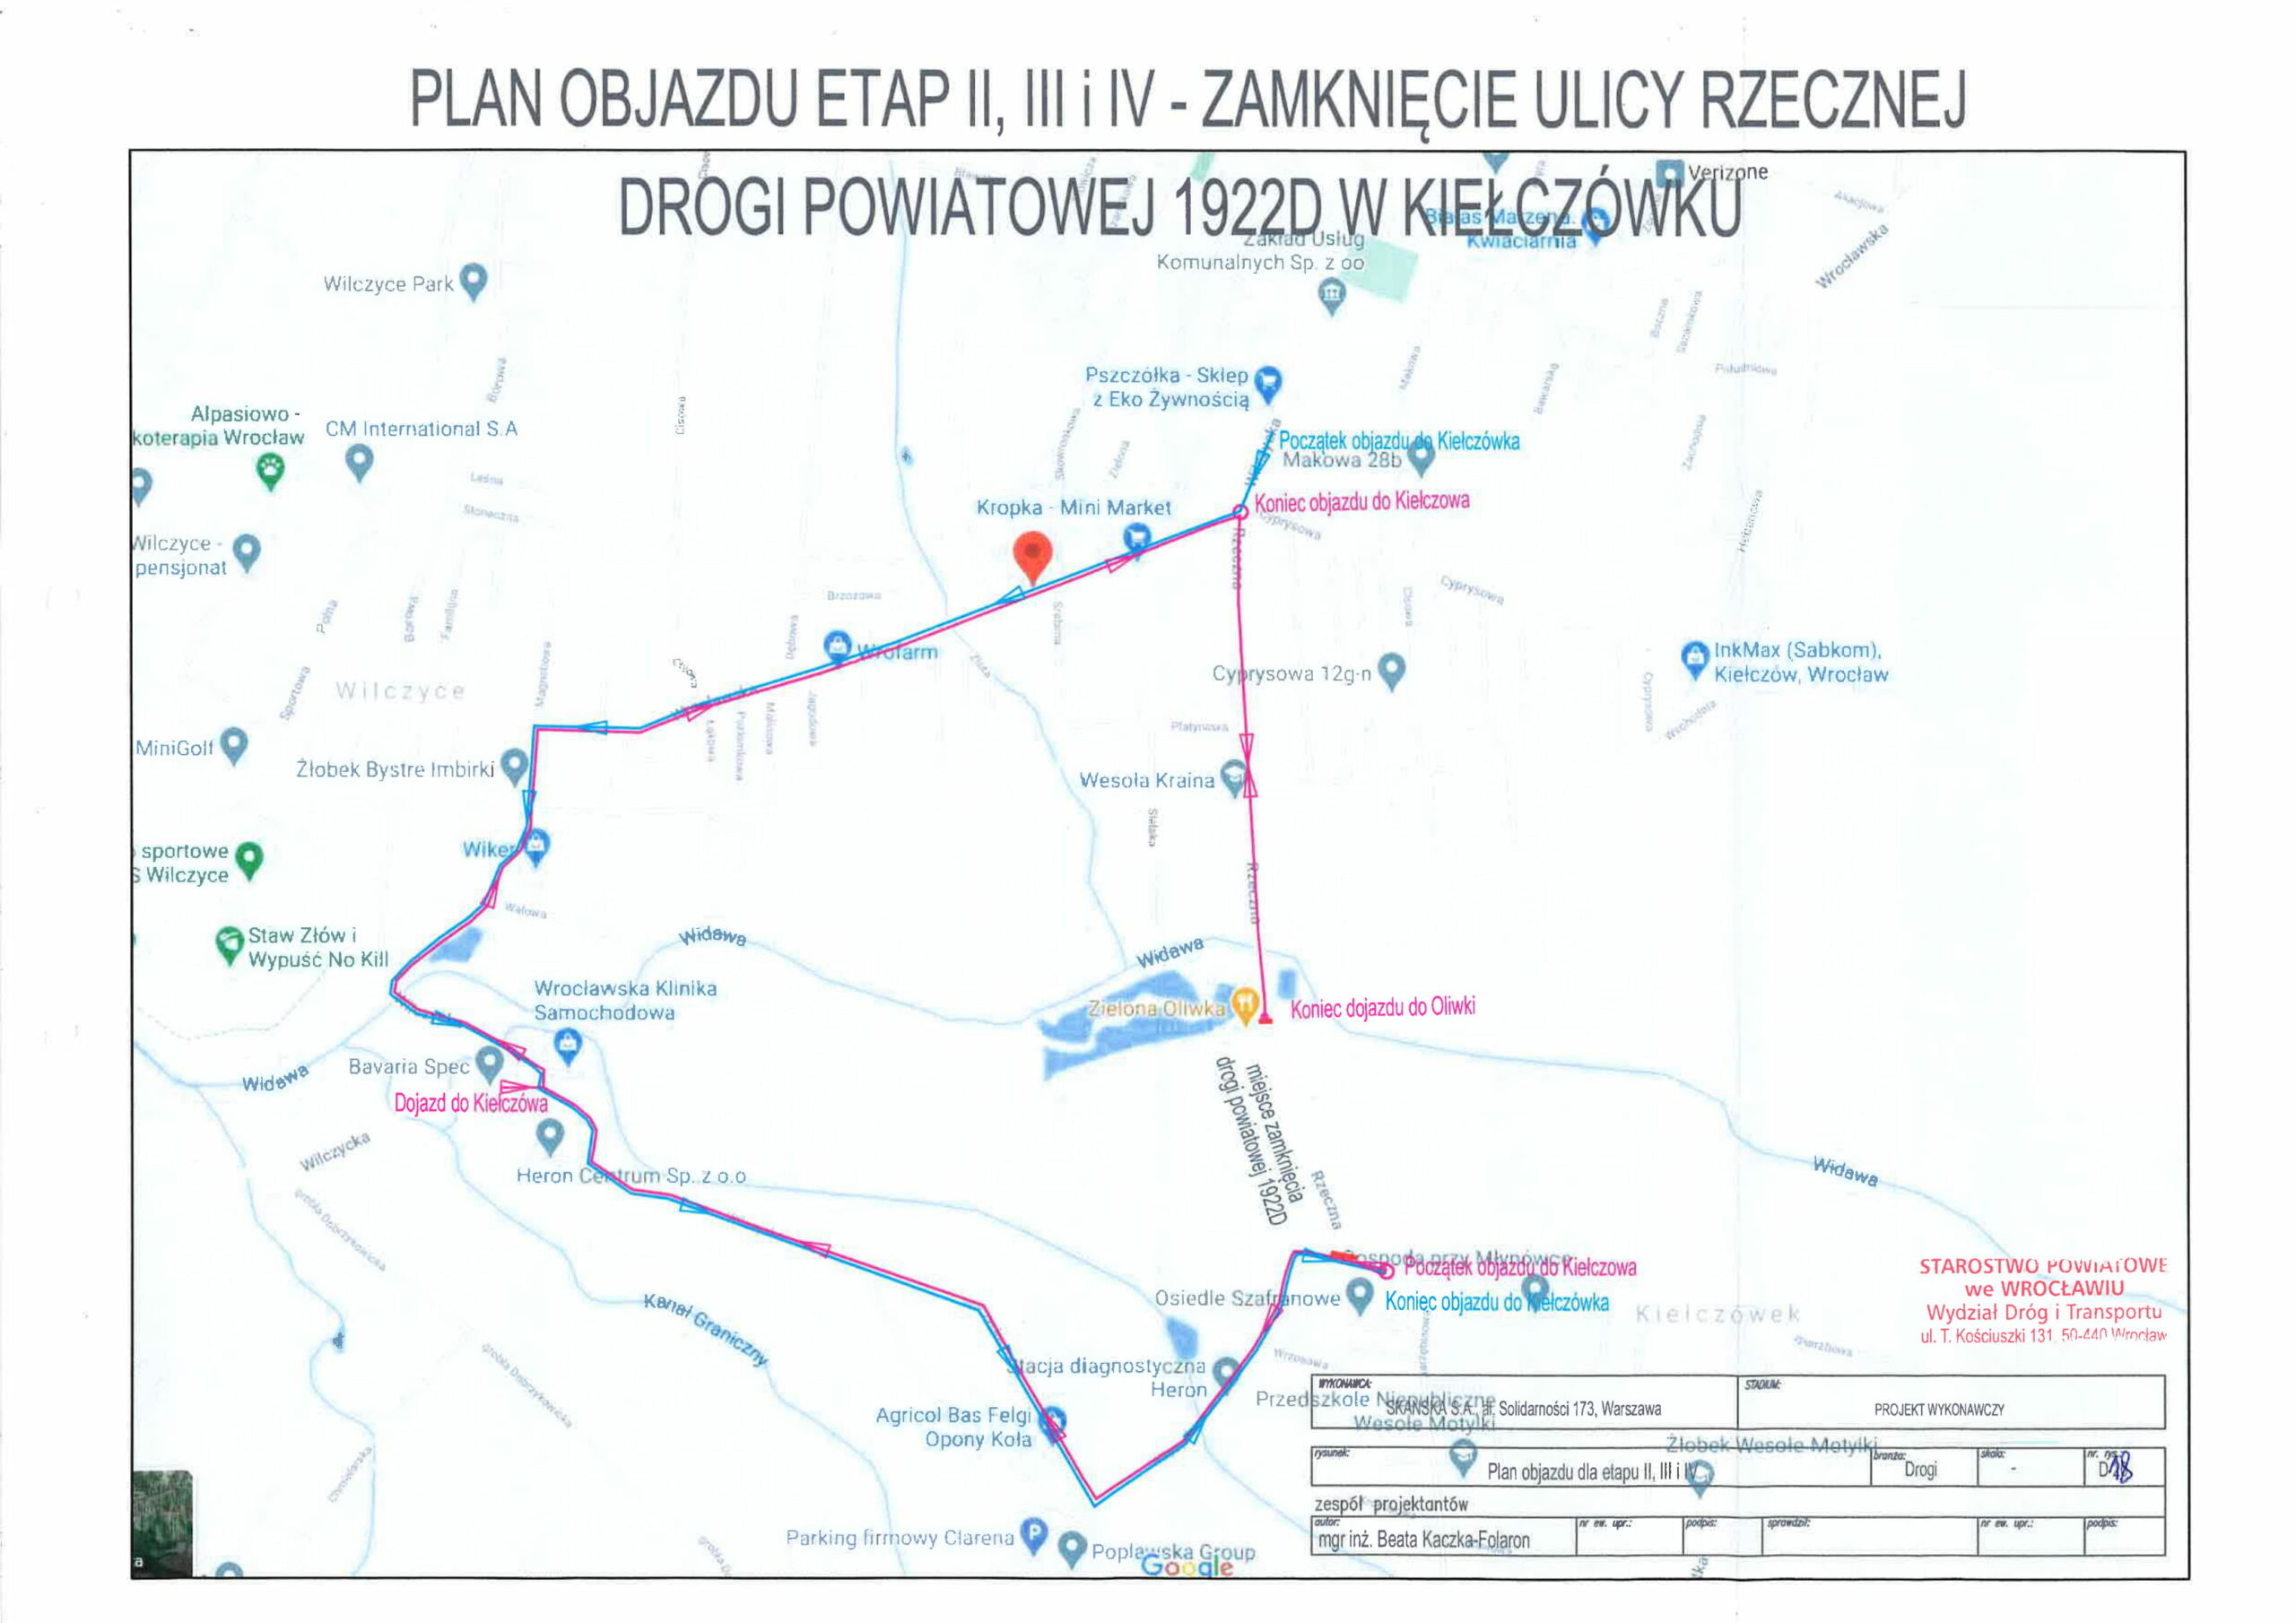 Zamknięcie ulicy Rzecznej w Kiełczówku